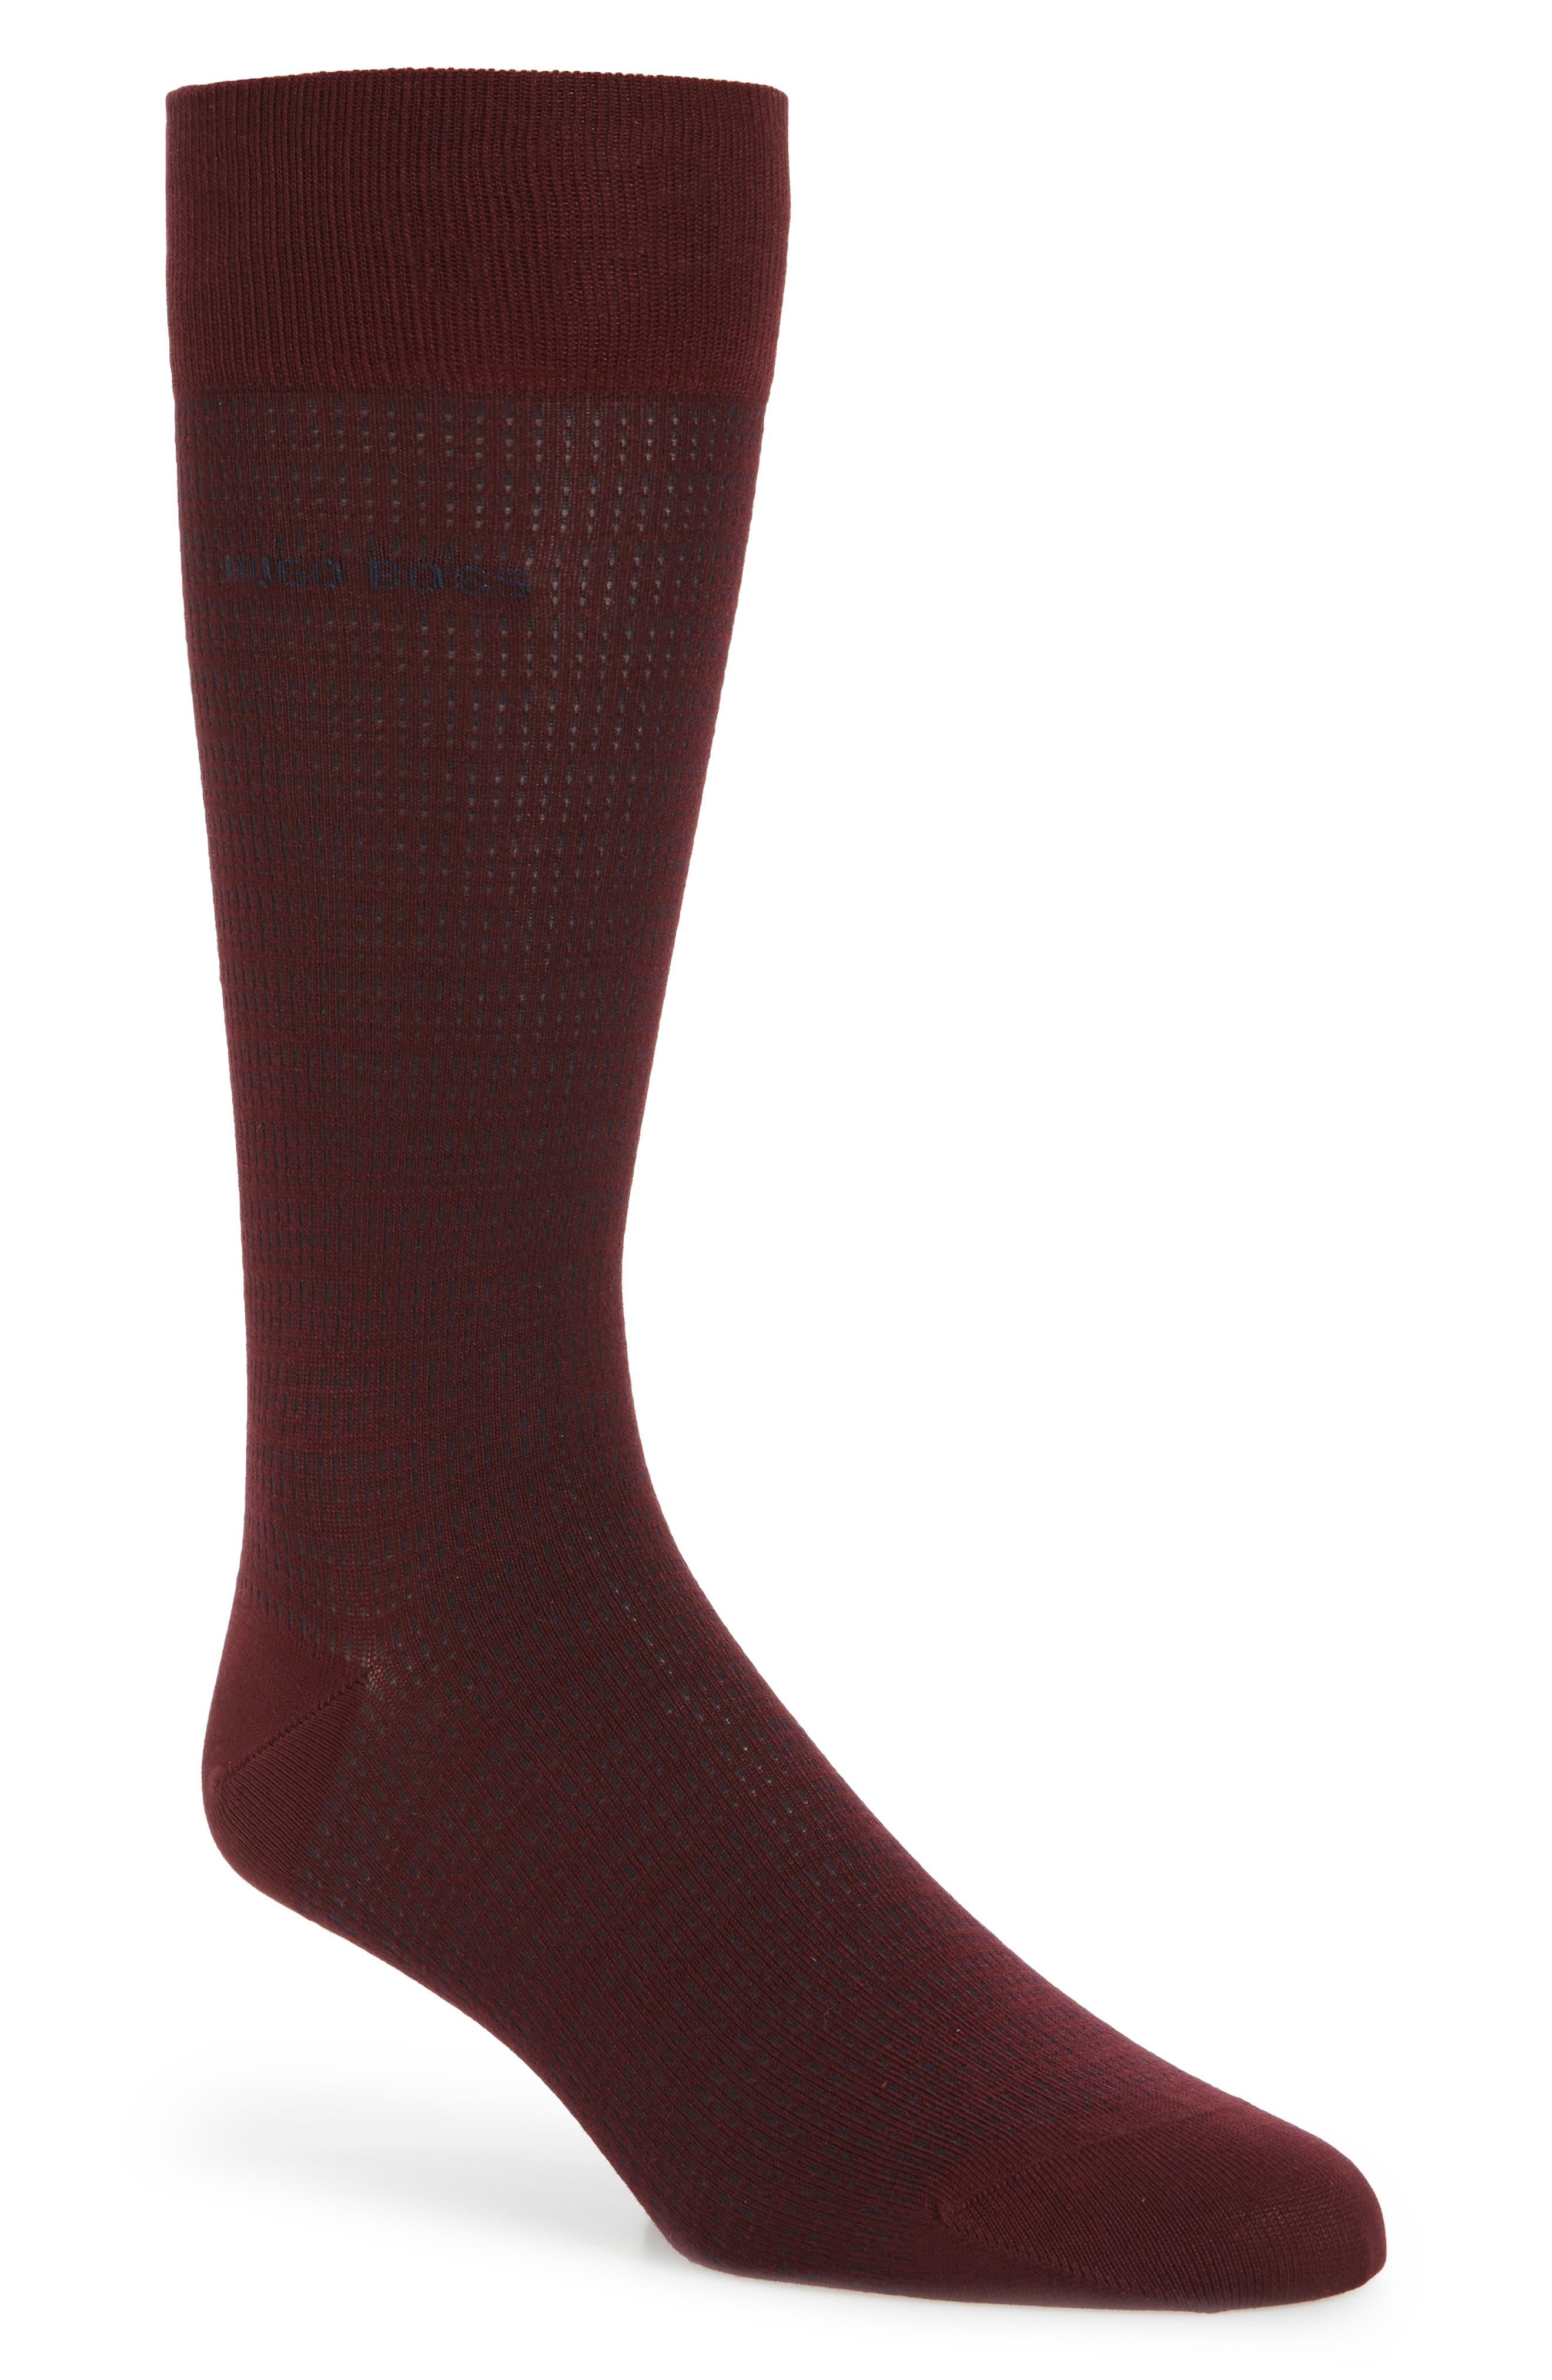 Micro Jacquard Socks,                         Main,                         color, Dark Red